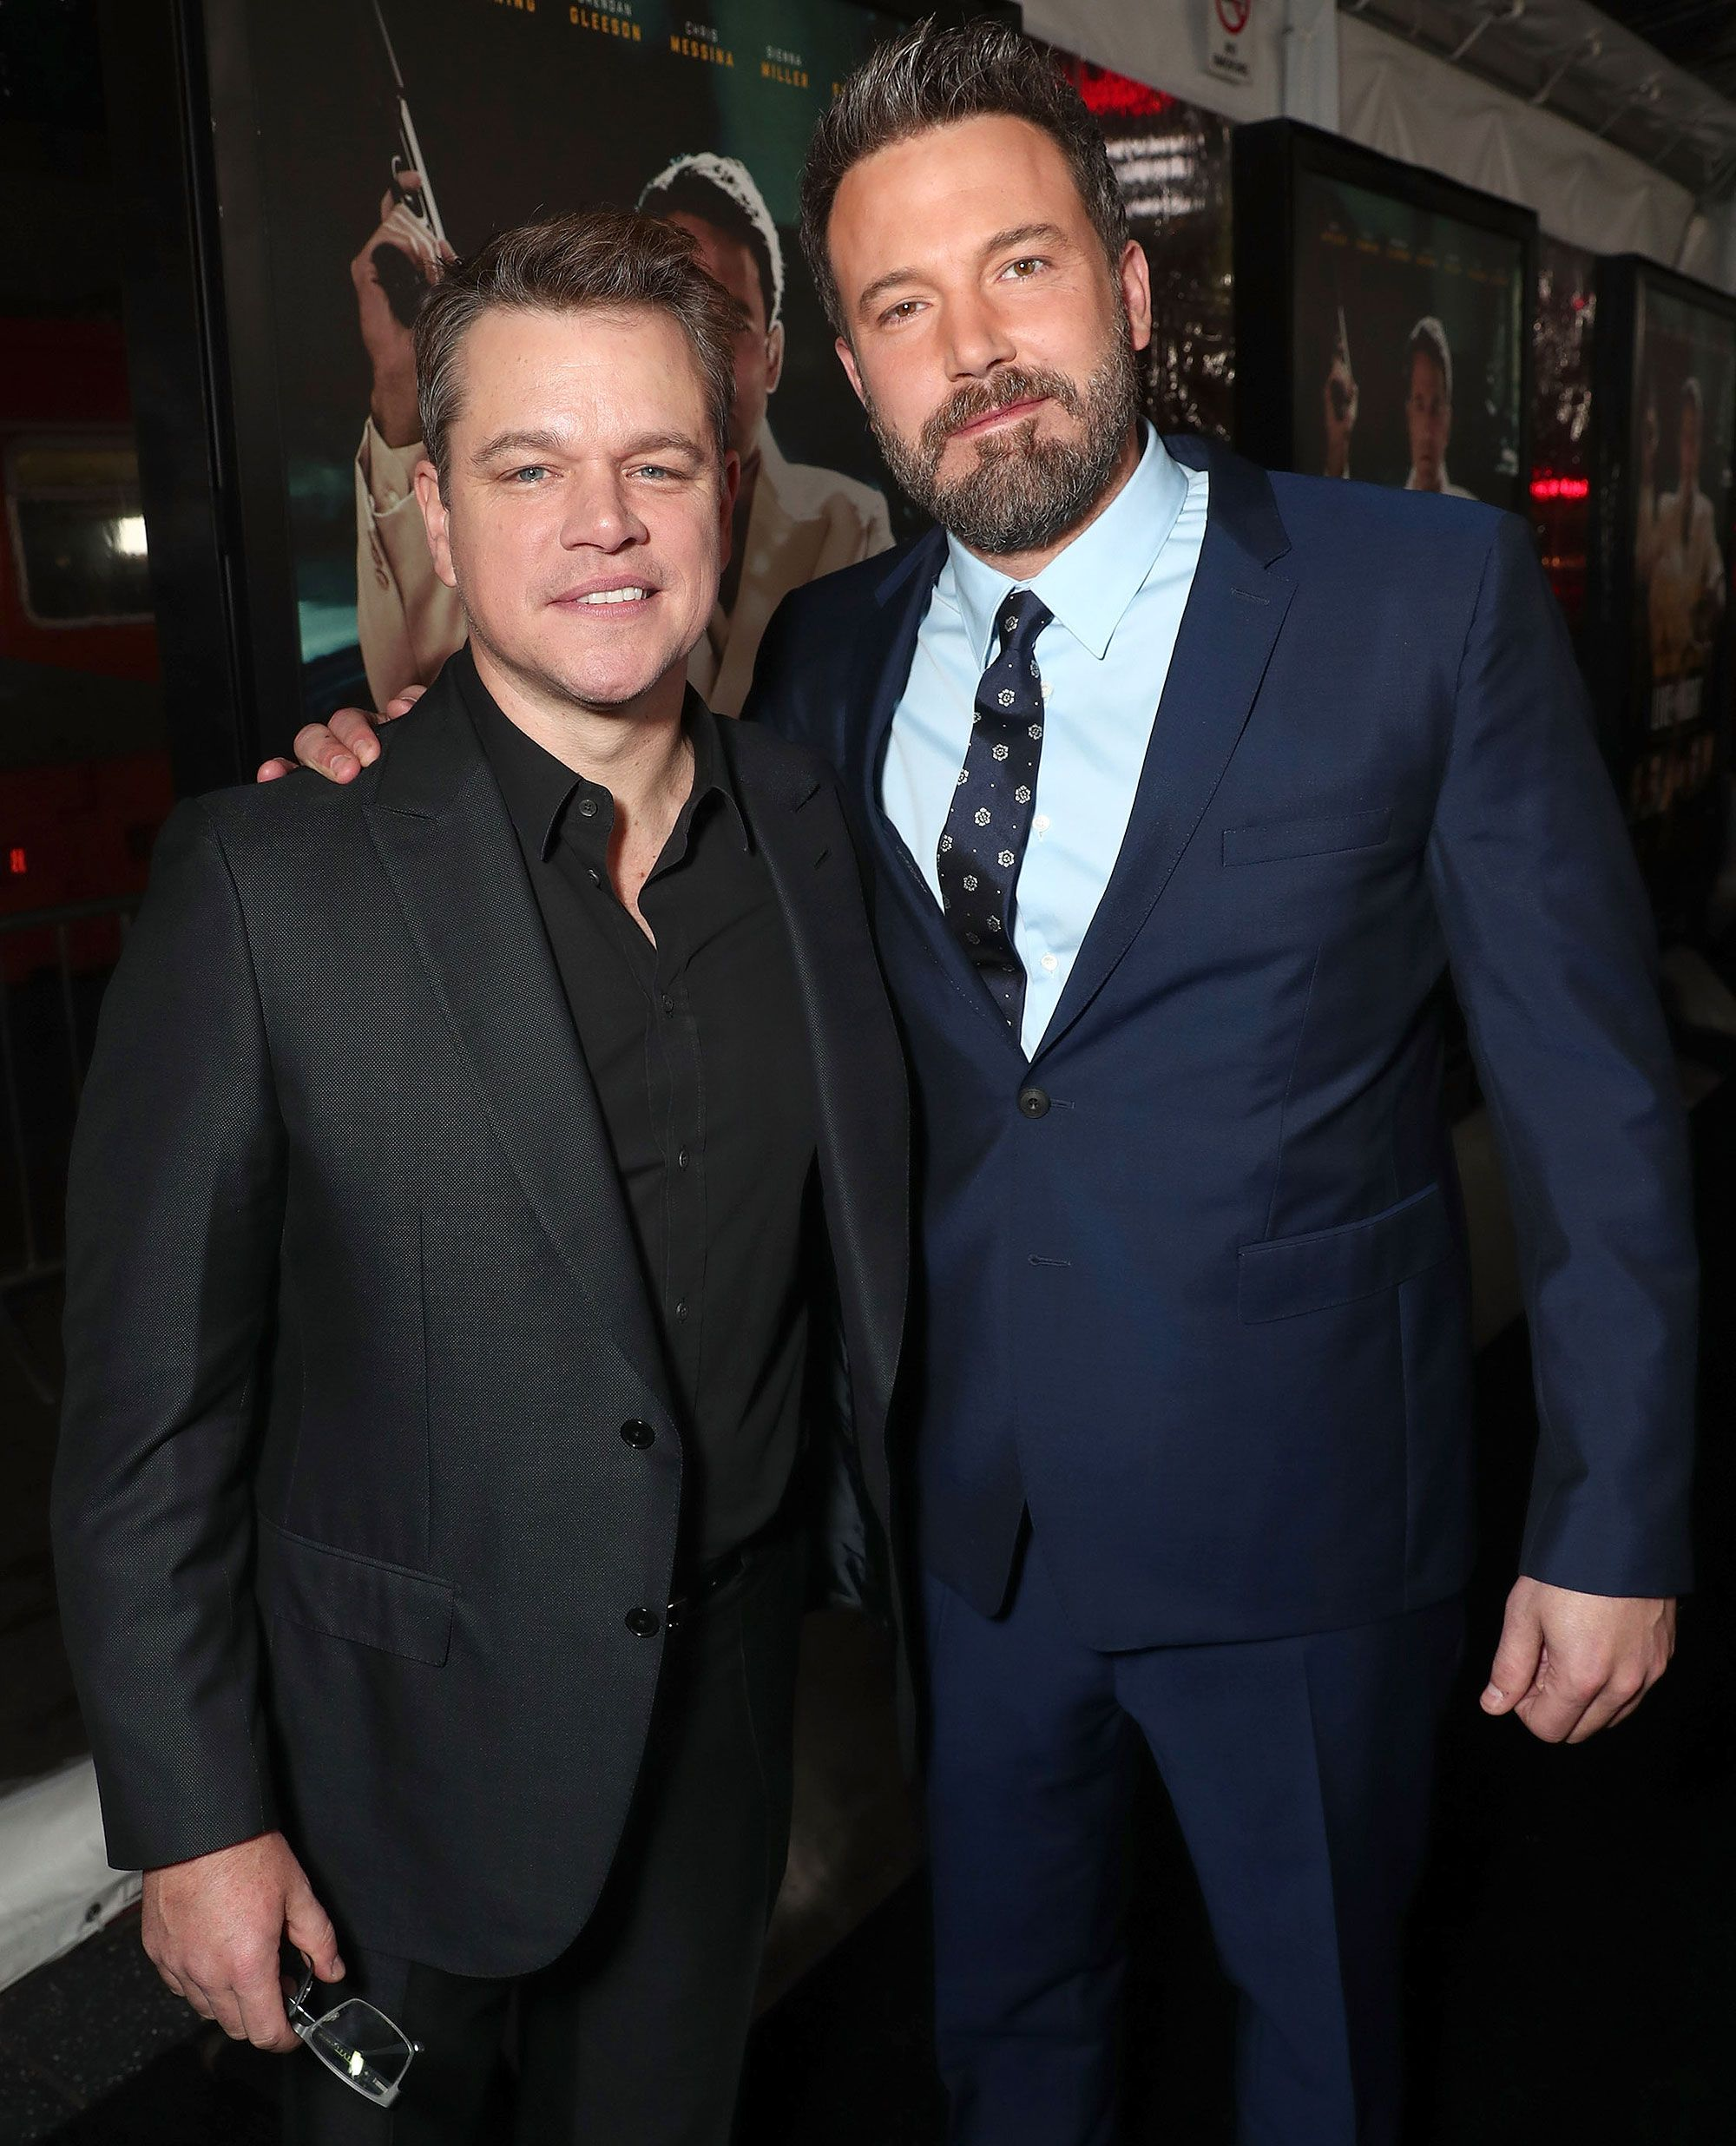 Ben Affleck Jokes He S Team Jimmy Kimmel After Claims Matt Damon Dumped Him For Chris Hemsworth Matt Damon Ben Affleck Matt Damon Family